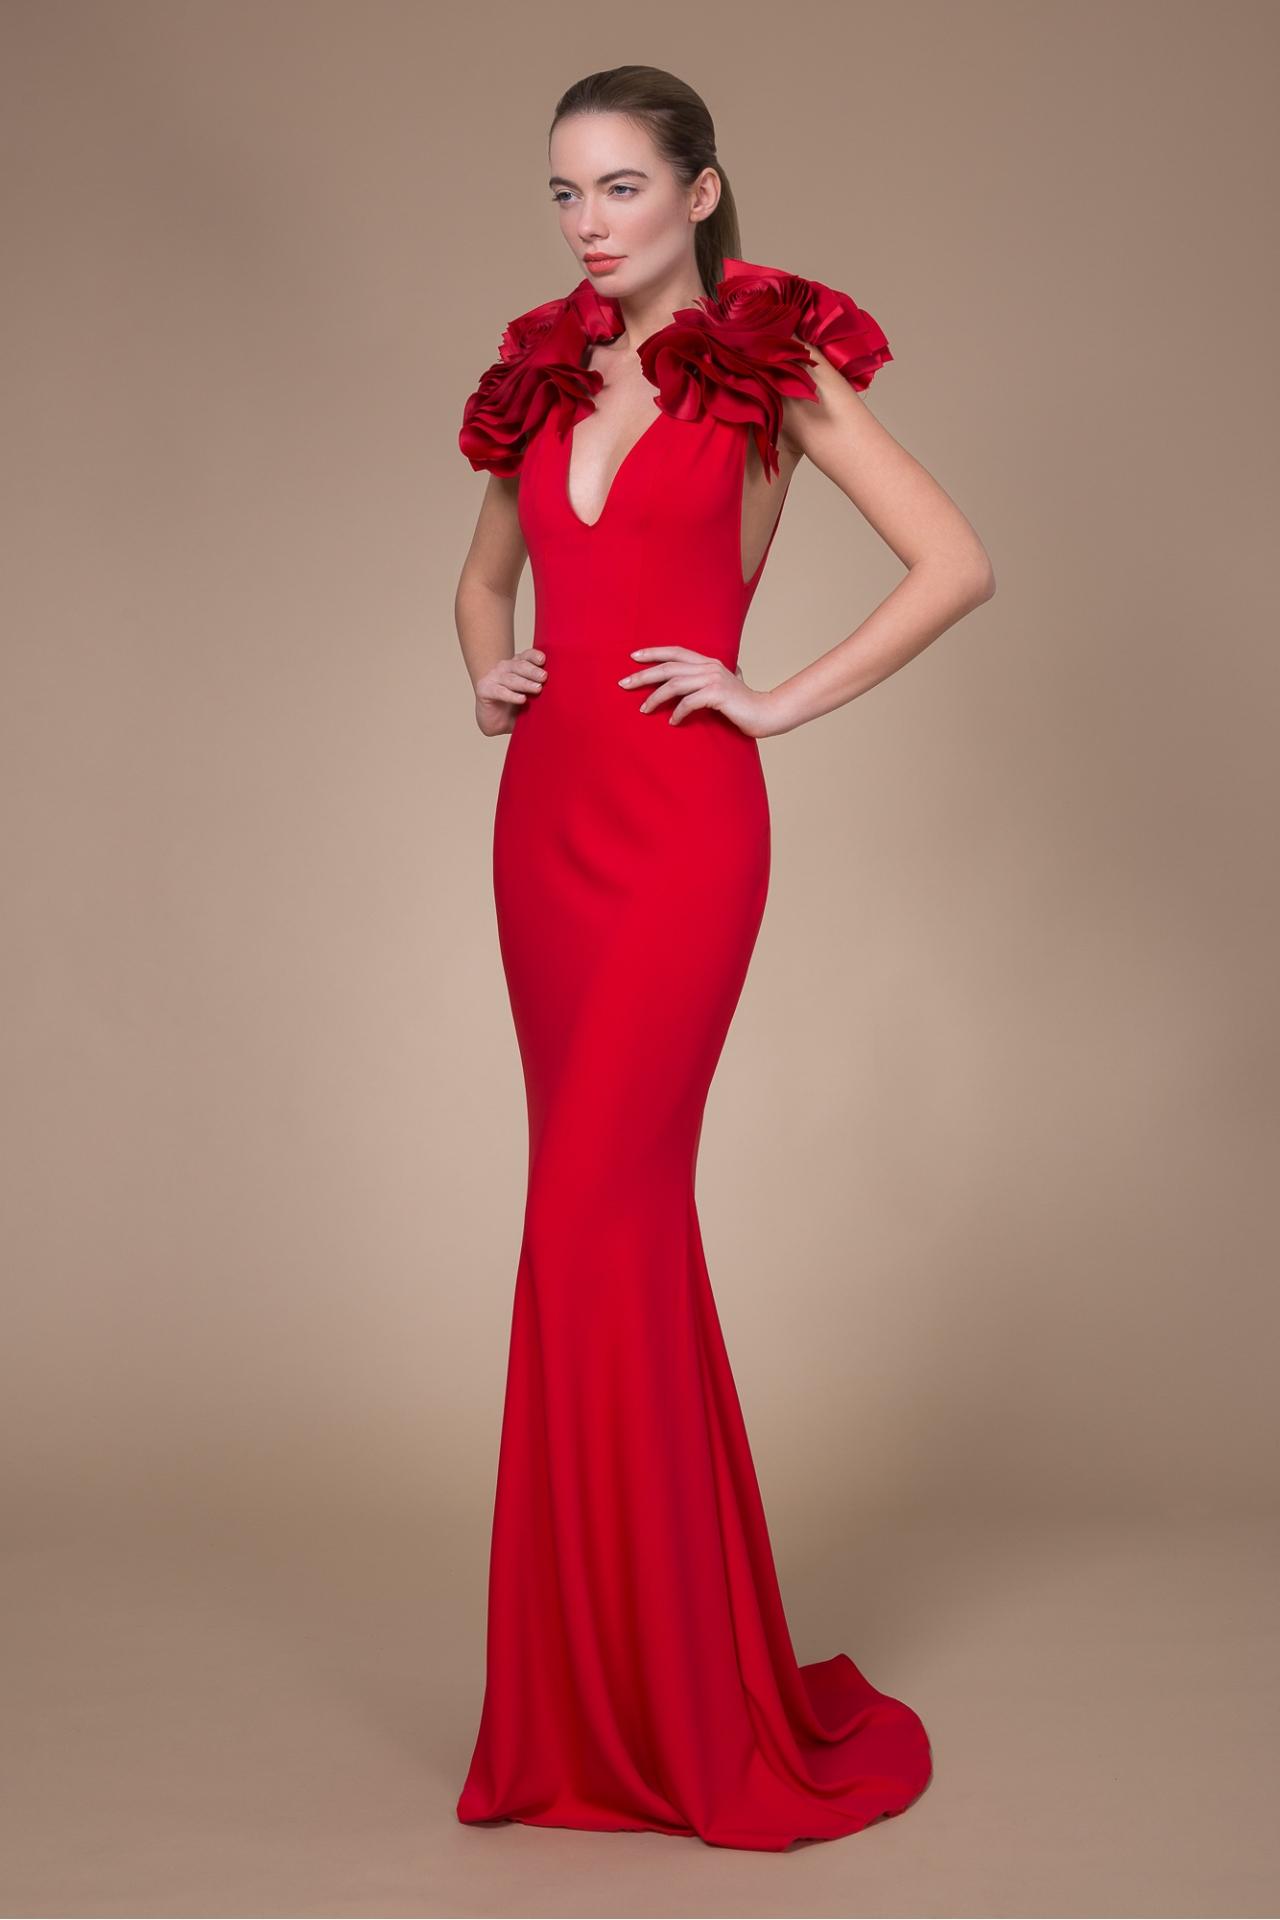 Long red mermaid gown